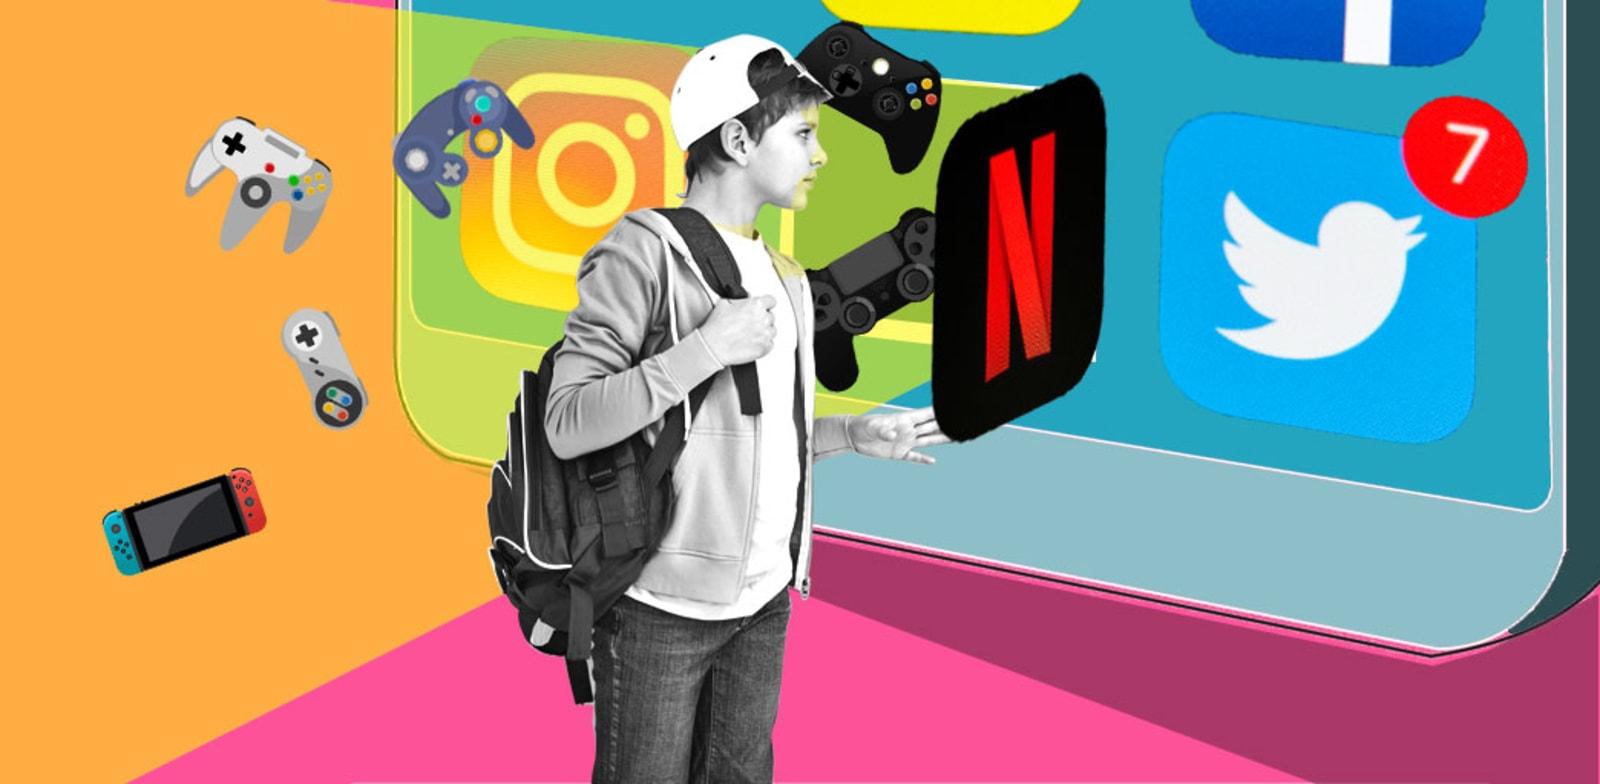 דור ה–Z נוהר לרשתות החברתיות ולגיימינג / צילום: Shutterstock